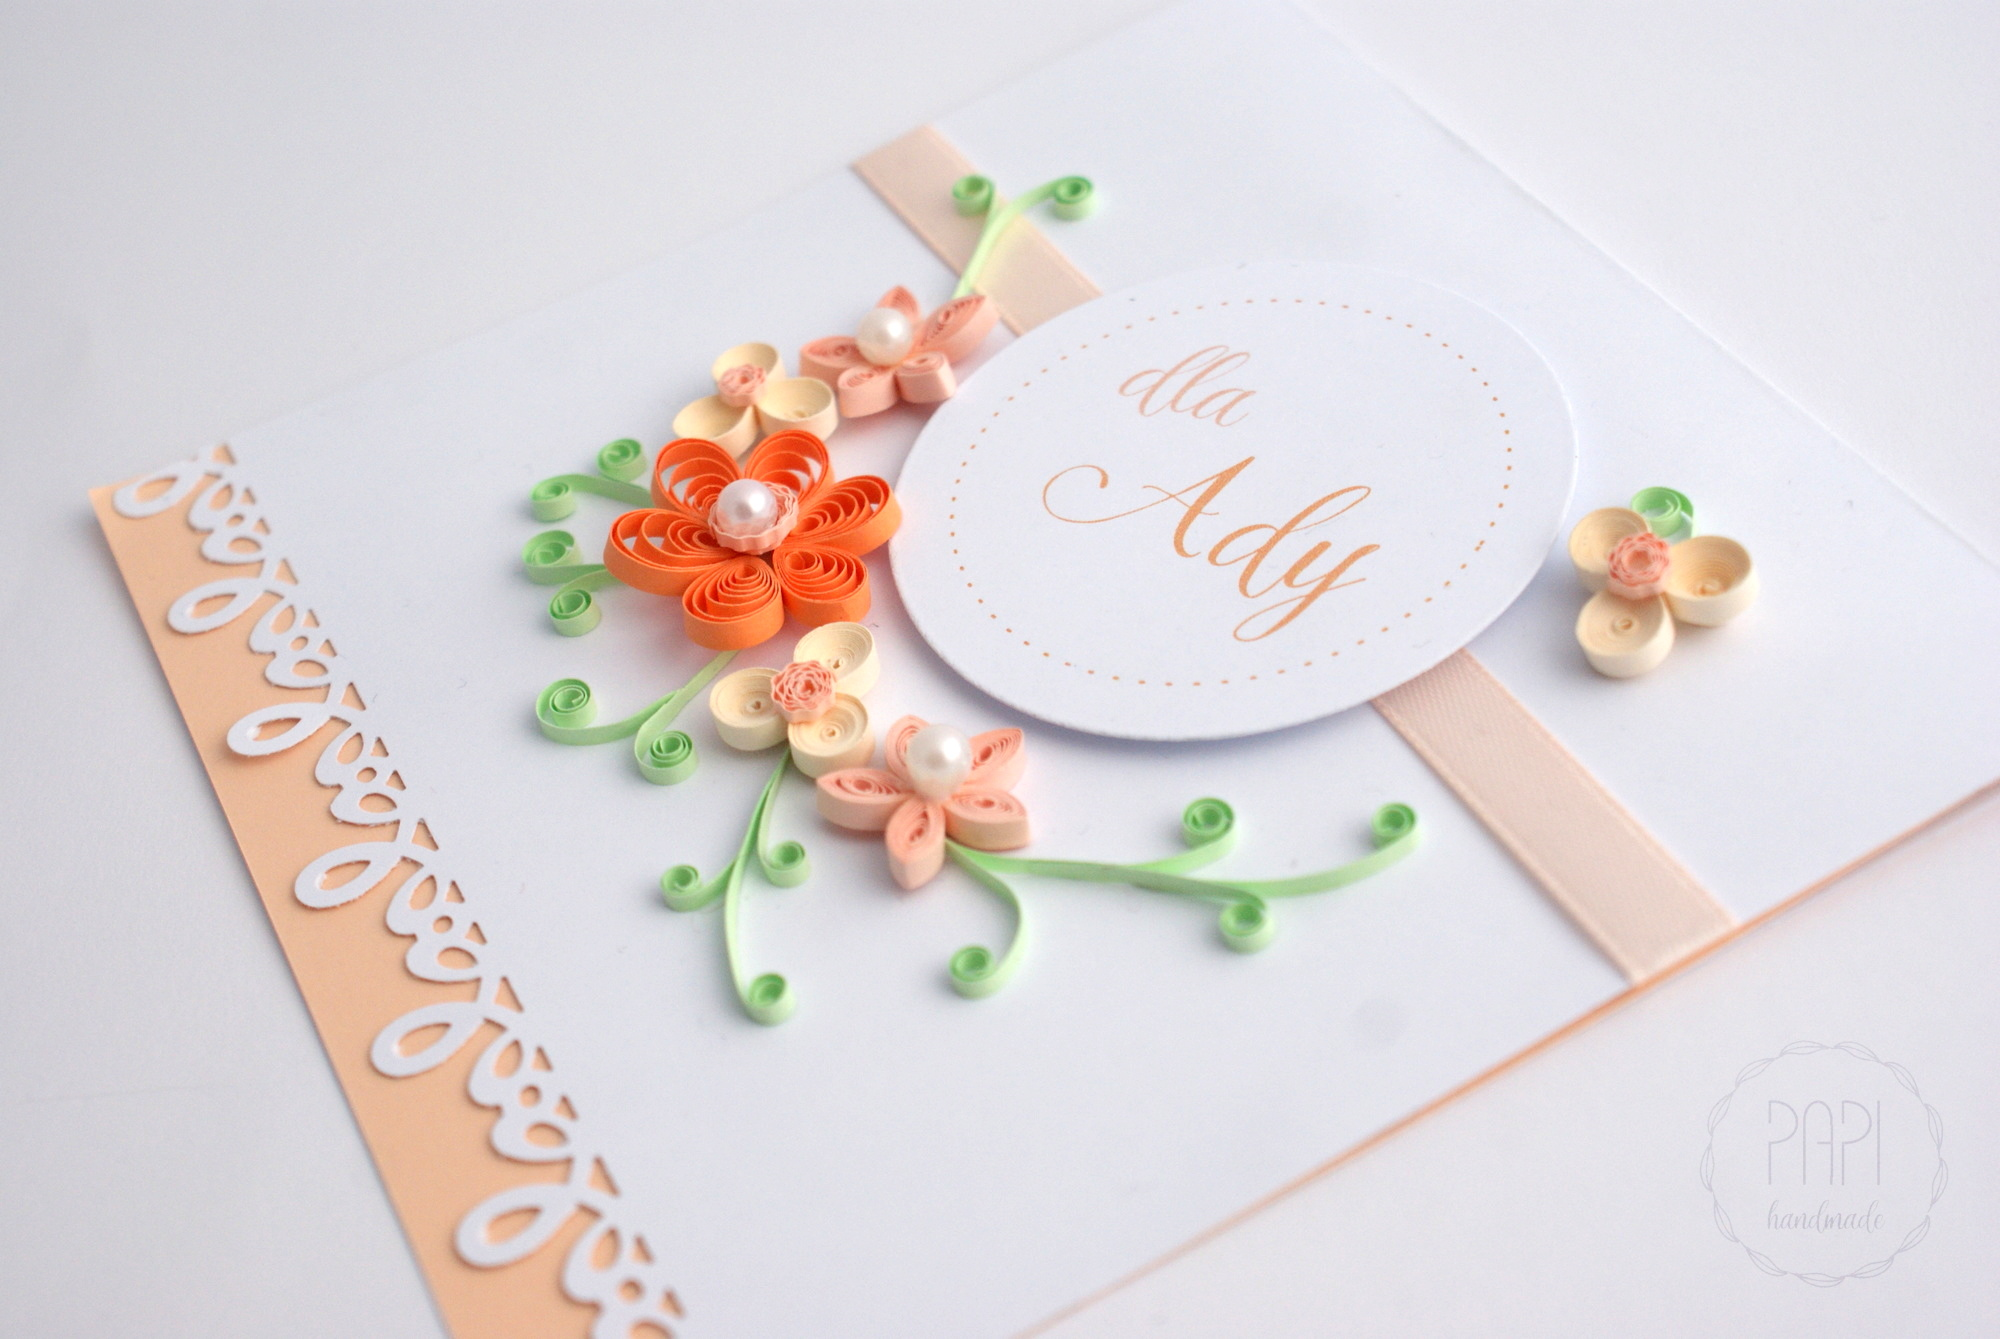 kartka urodzinowa z kwiatami ręcznie robiona